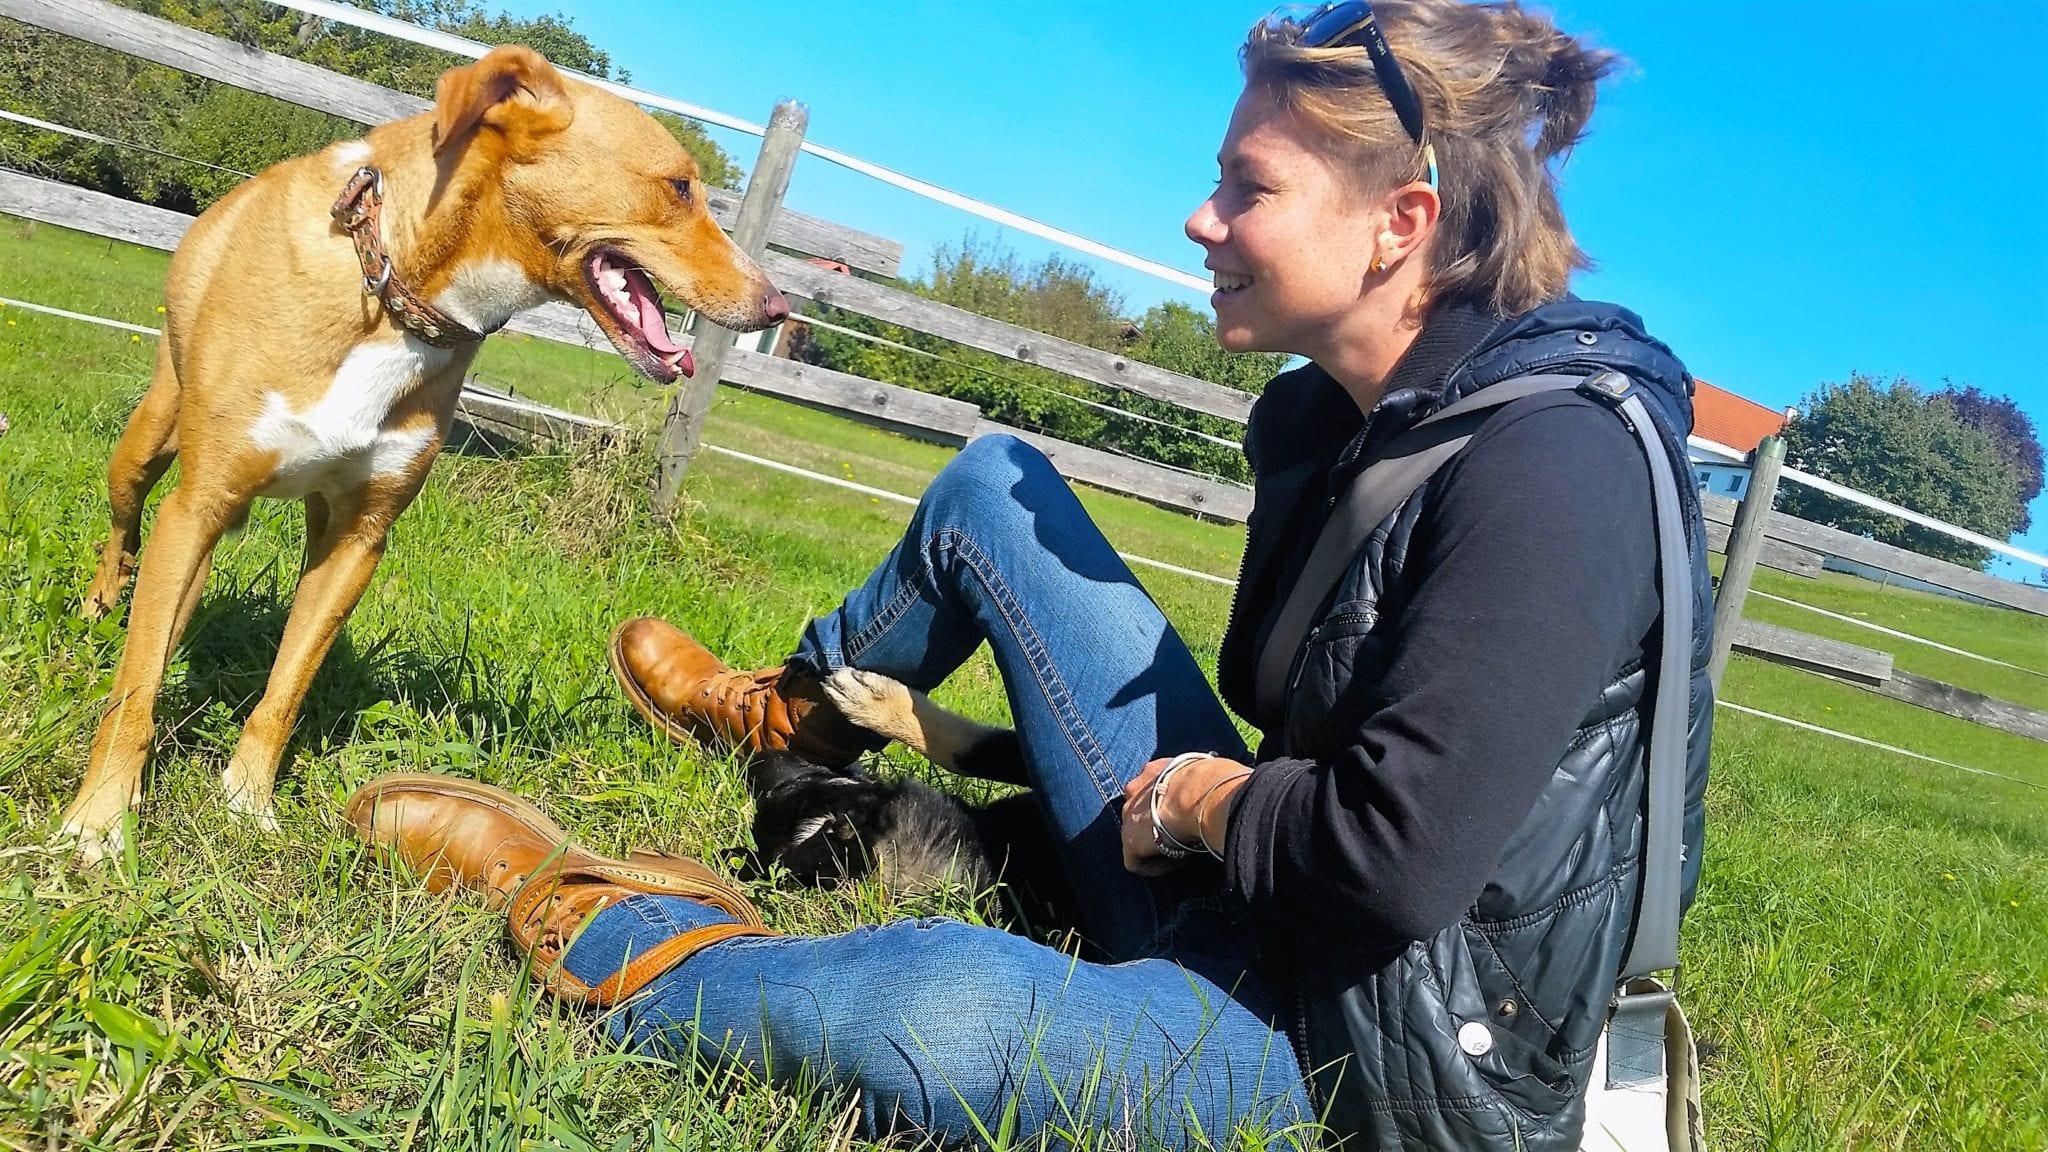 Imkermeile Hatzendorf Hundeschule Willenskraft